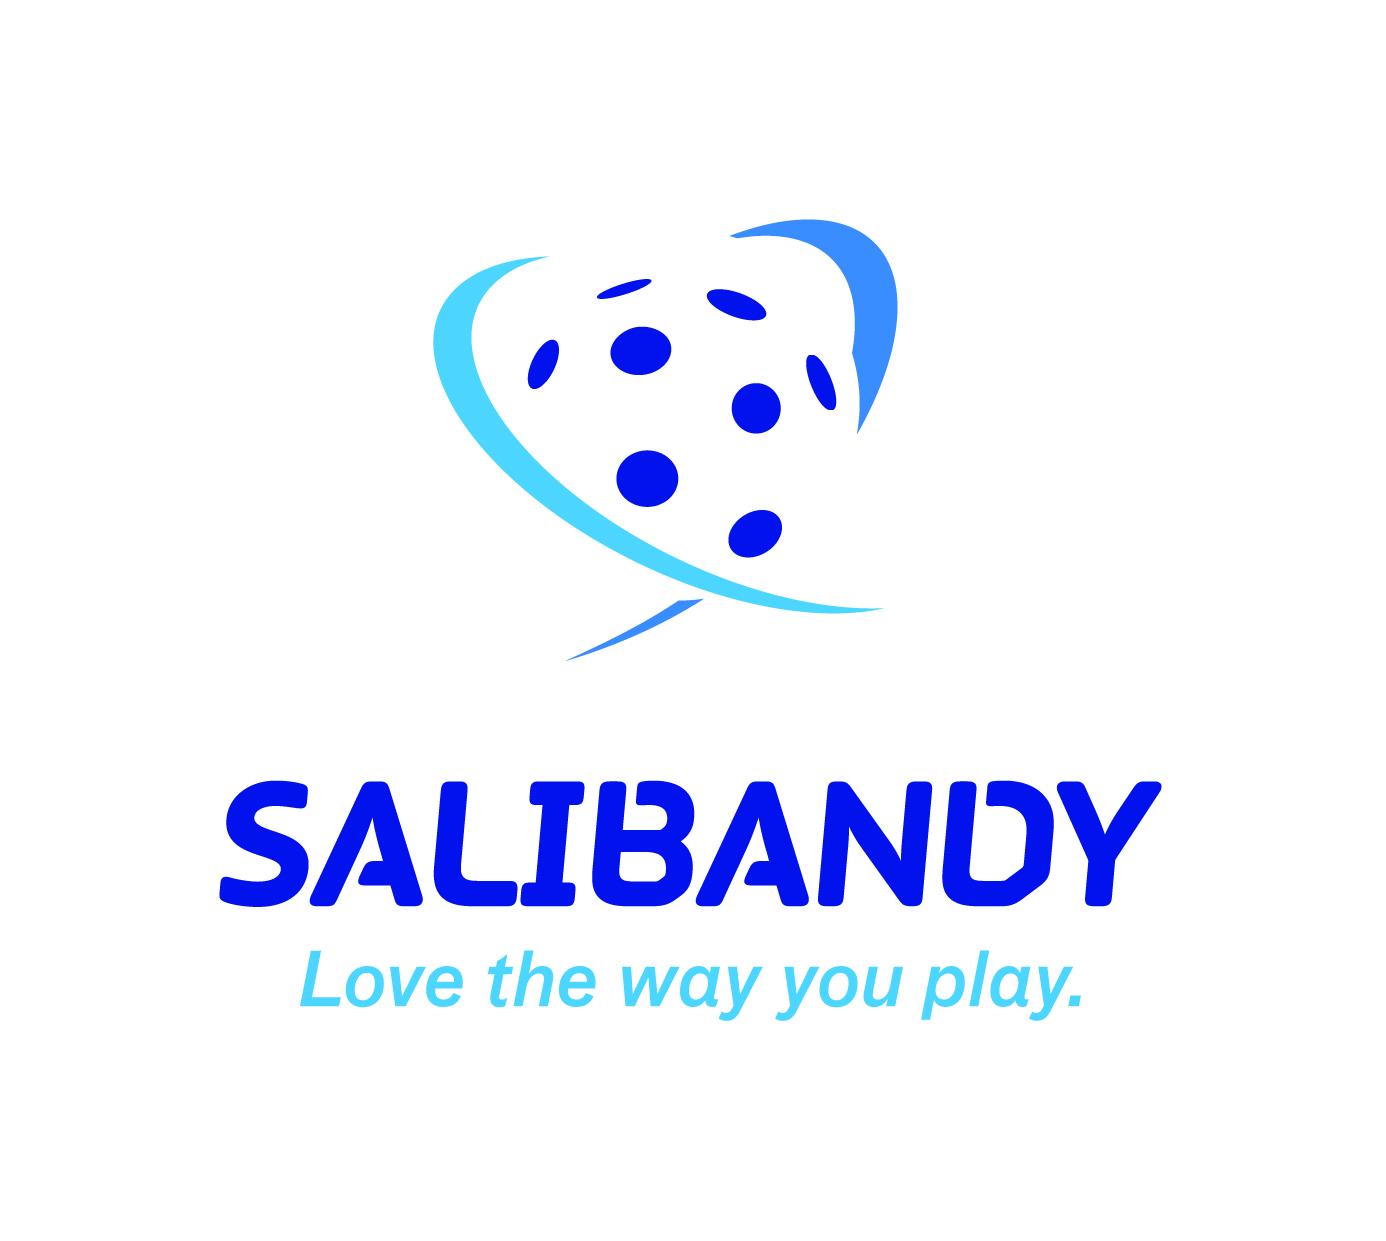 Huhtari Salibandy